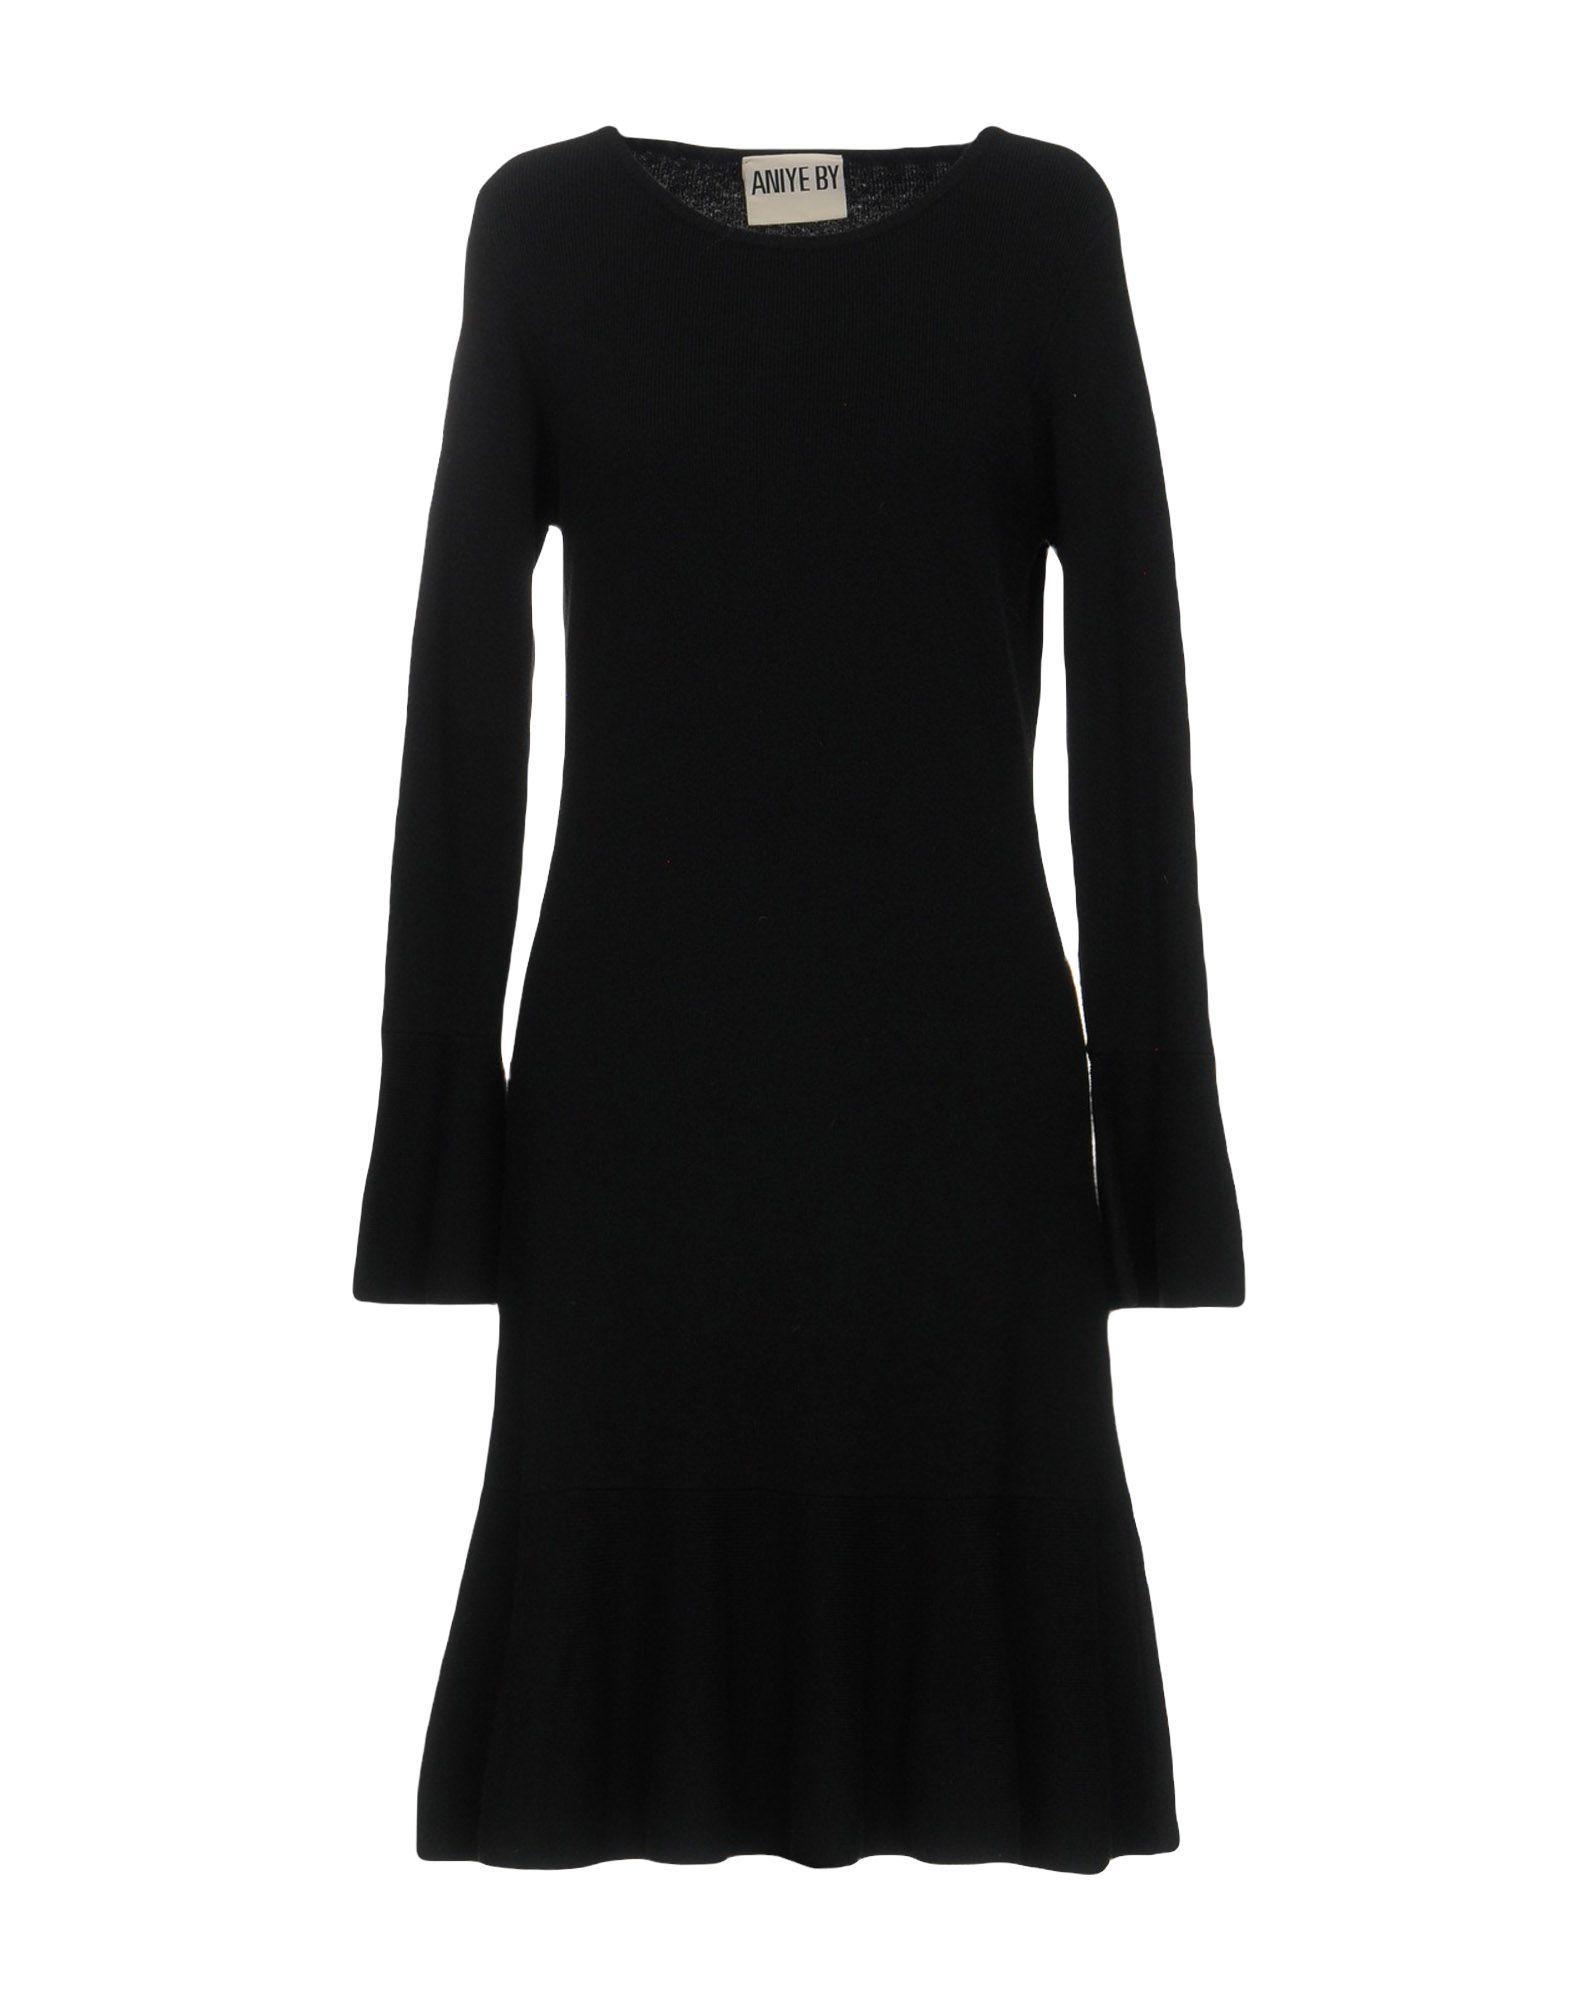 Aniye By Black Knit Long Sleeve Dress